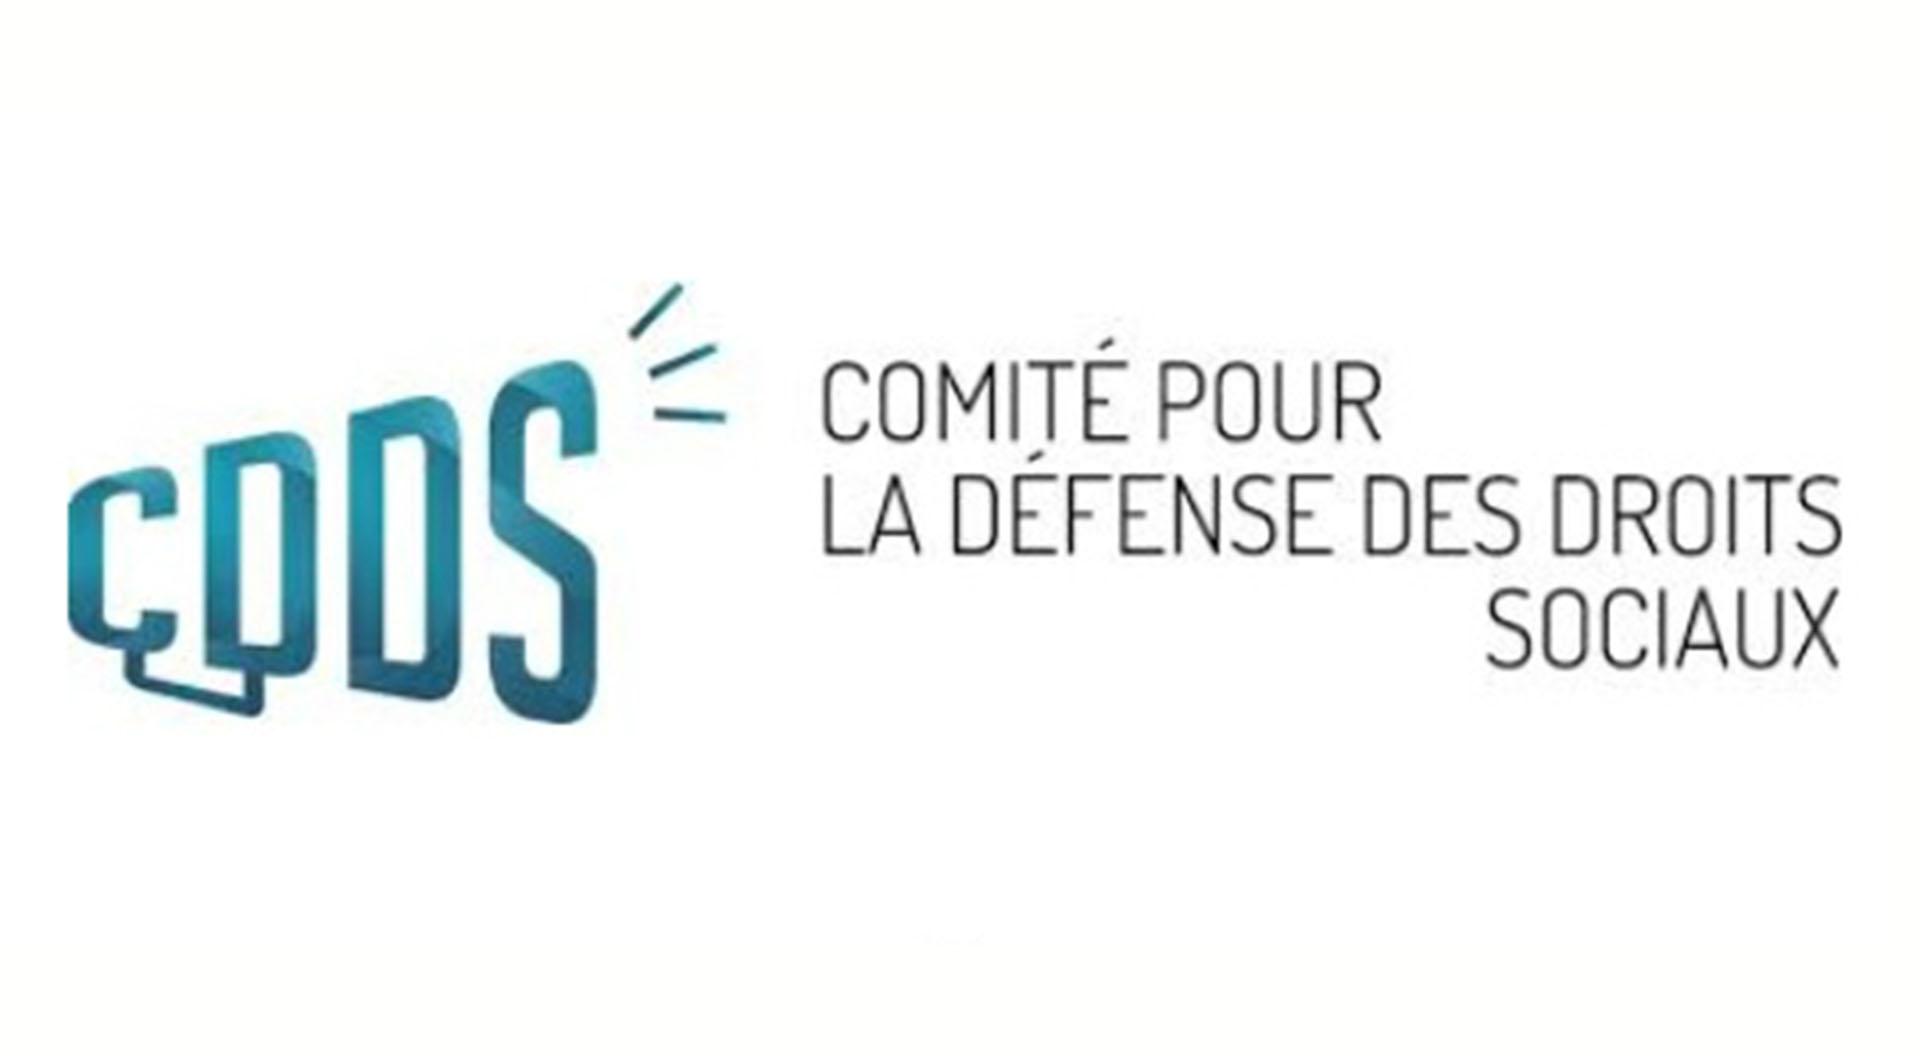 Comité de défense des droits sociaux (CDDS)